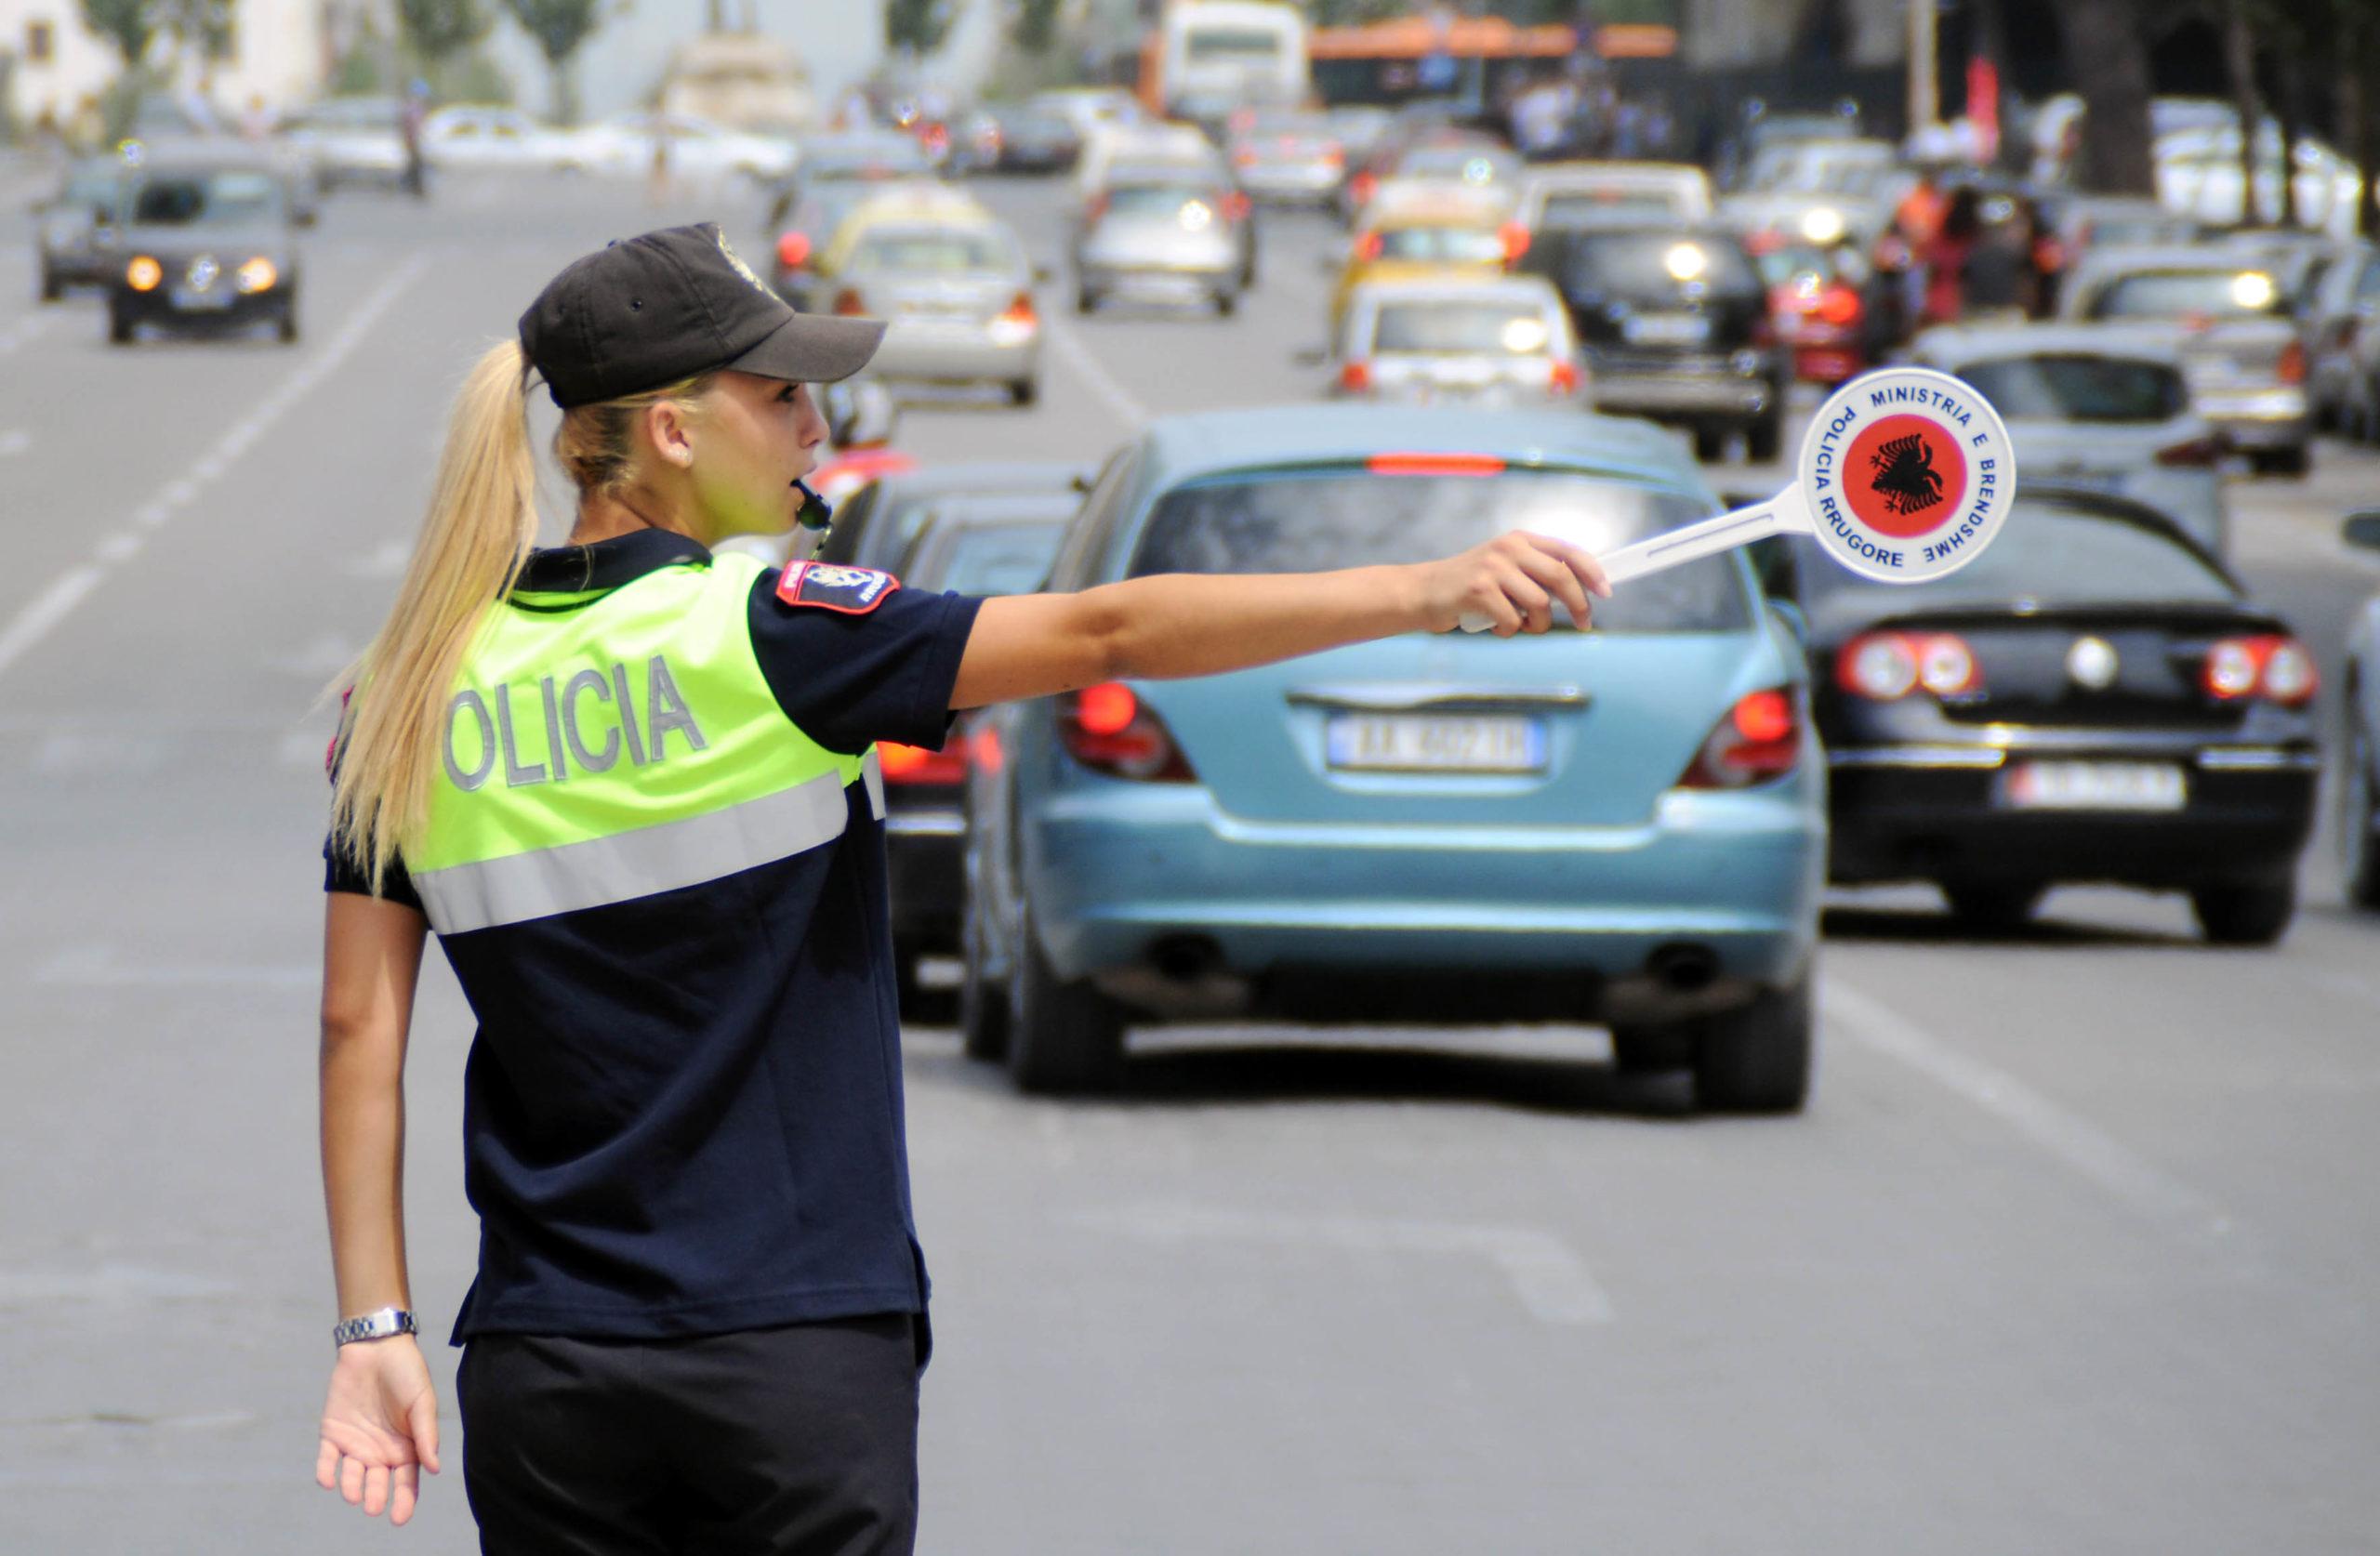 Reperi shqiptar gjobitet nga policia, kjo është shifra që pagoi